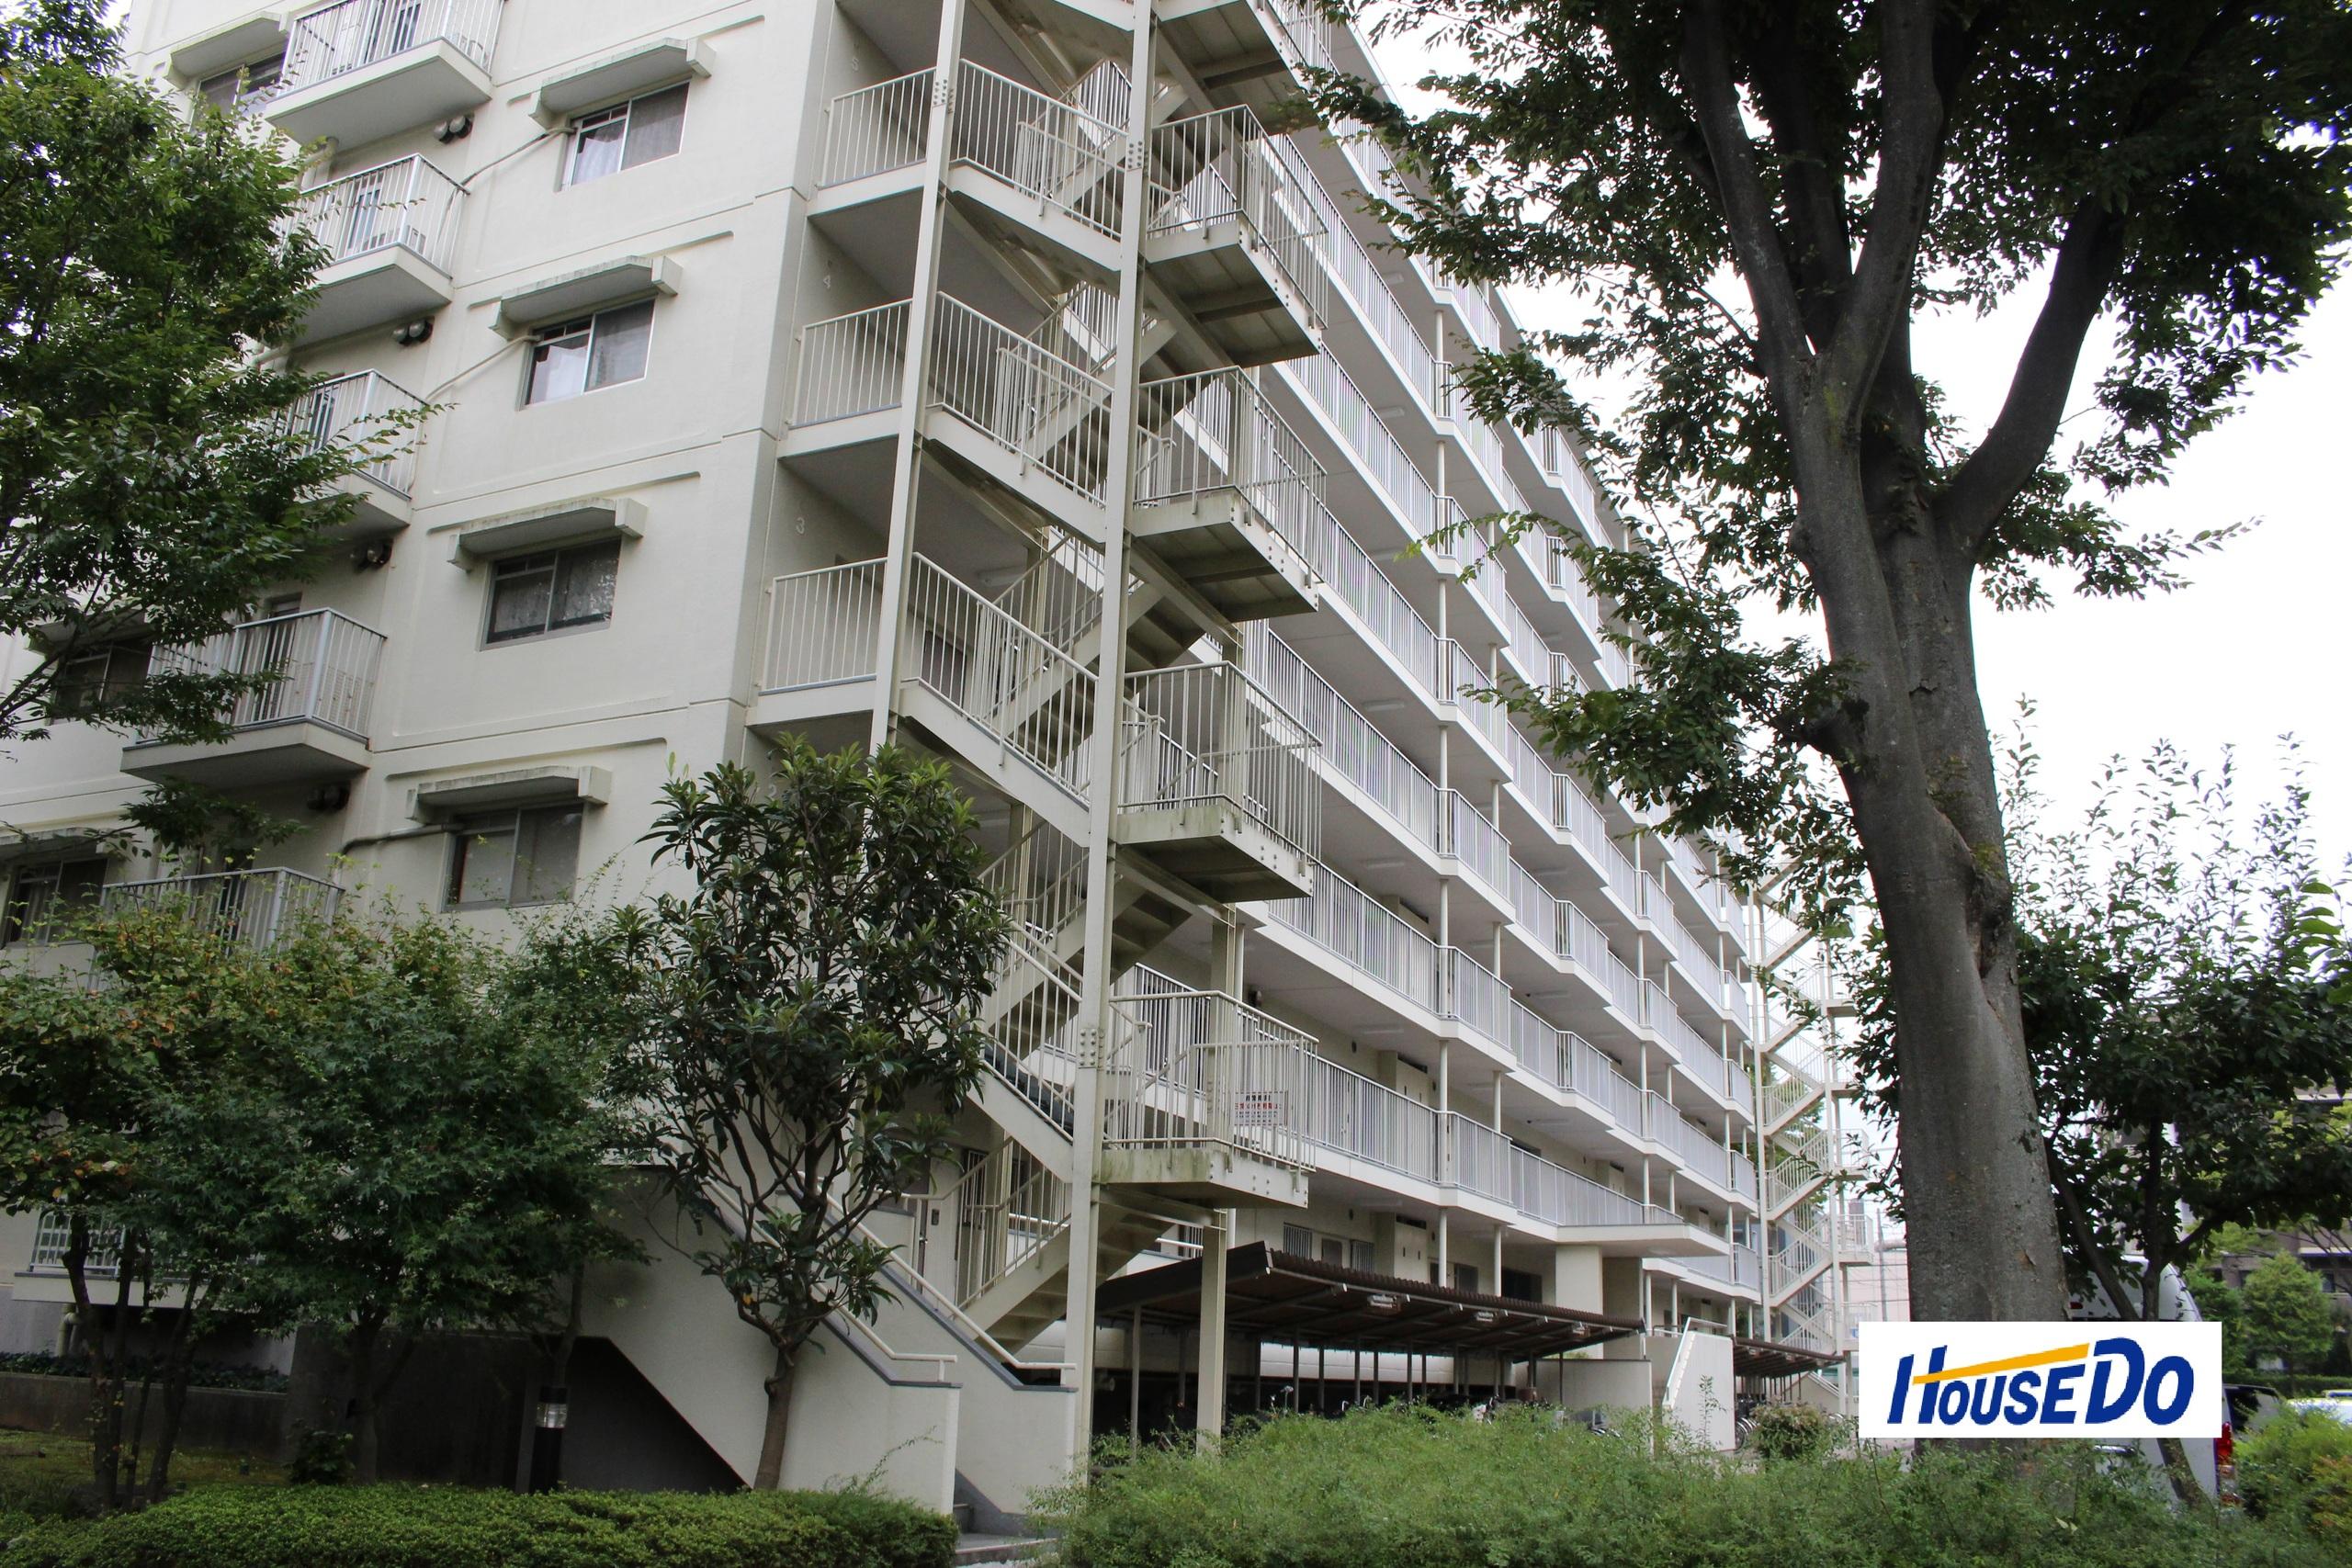 志木ニュ-タウン南の森弐番街8号棟